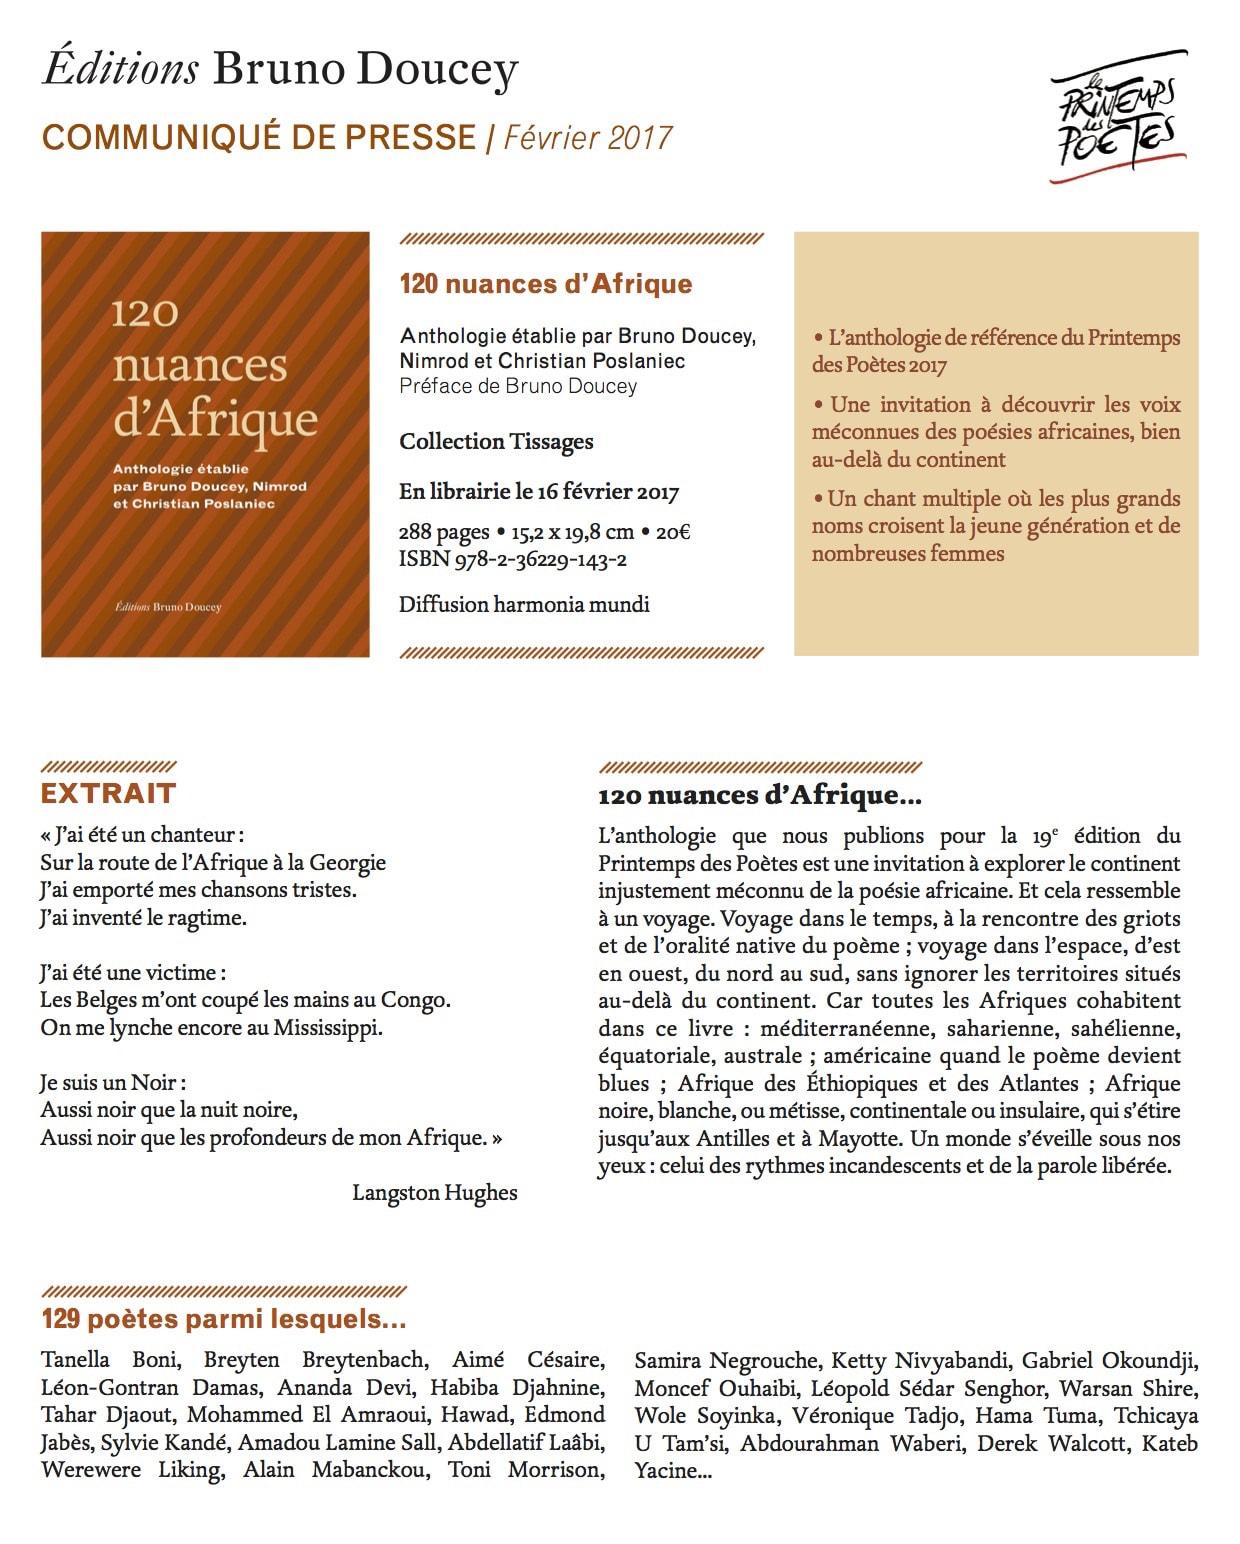 120 nuances d'Afrique communiqué de presse